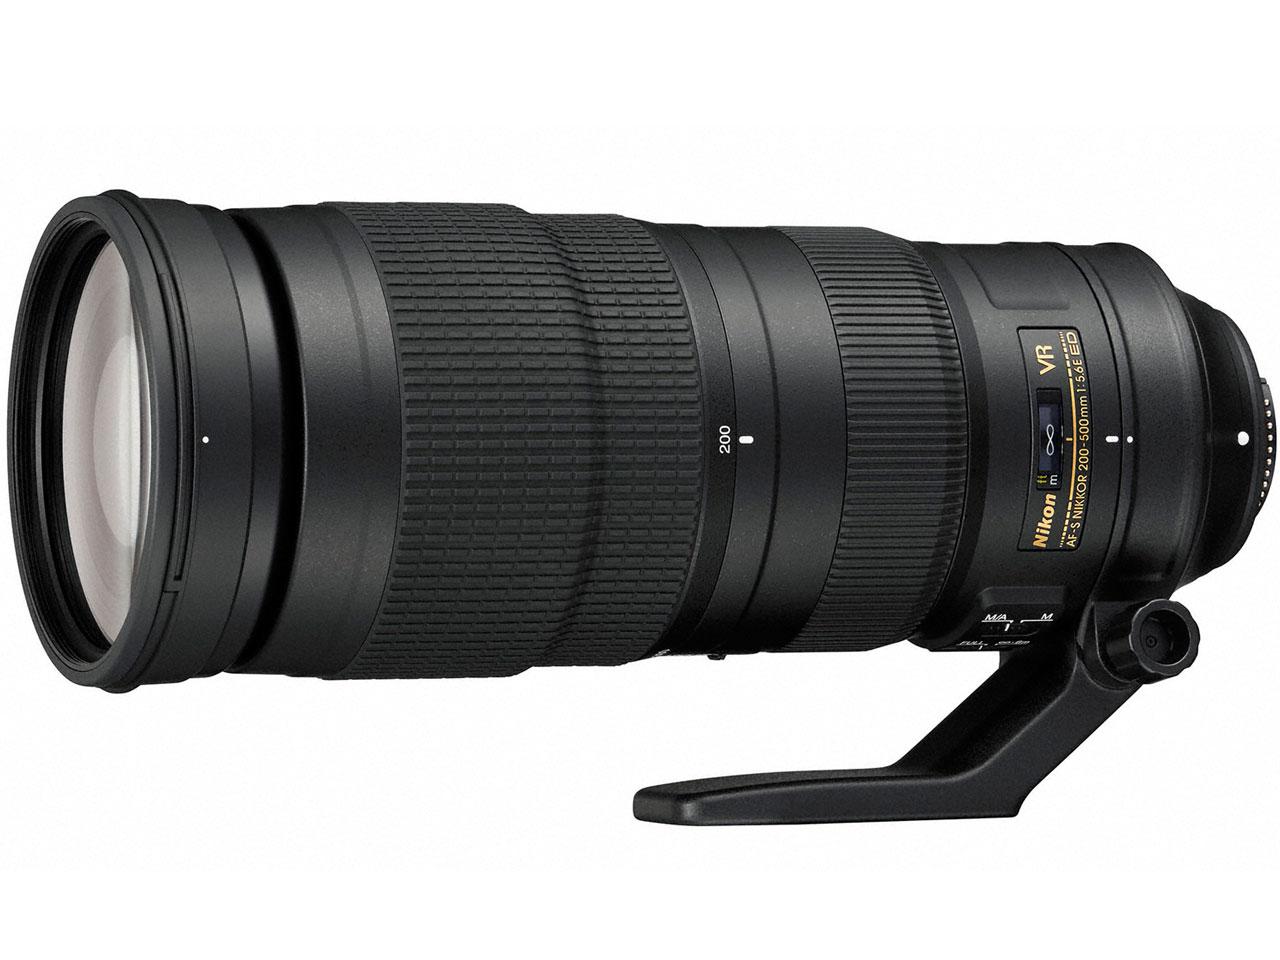 AF-S NIKKOR 200-500mm f/5.6E ED VR �̐��i�摜